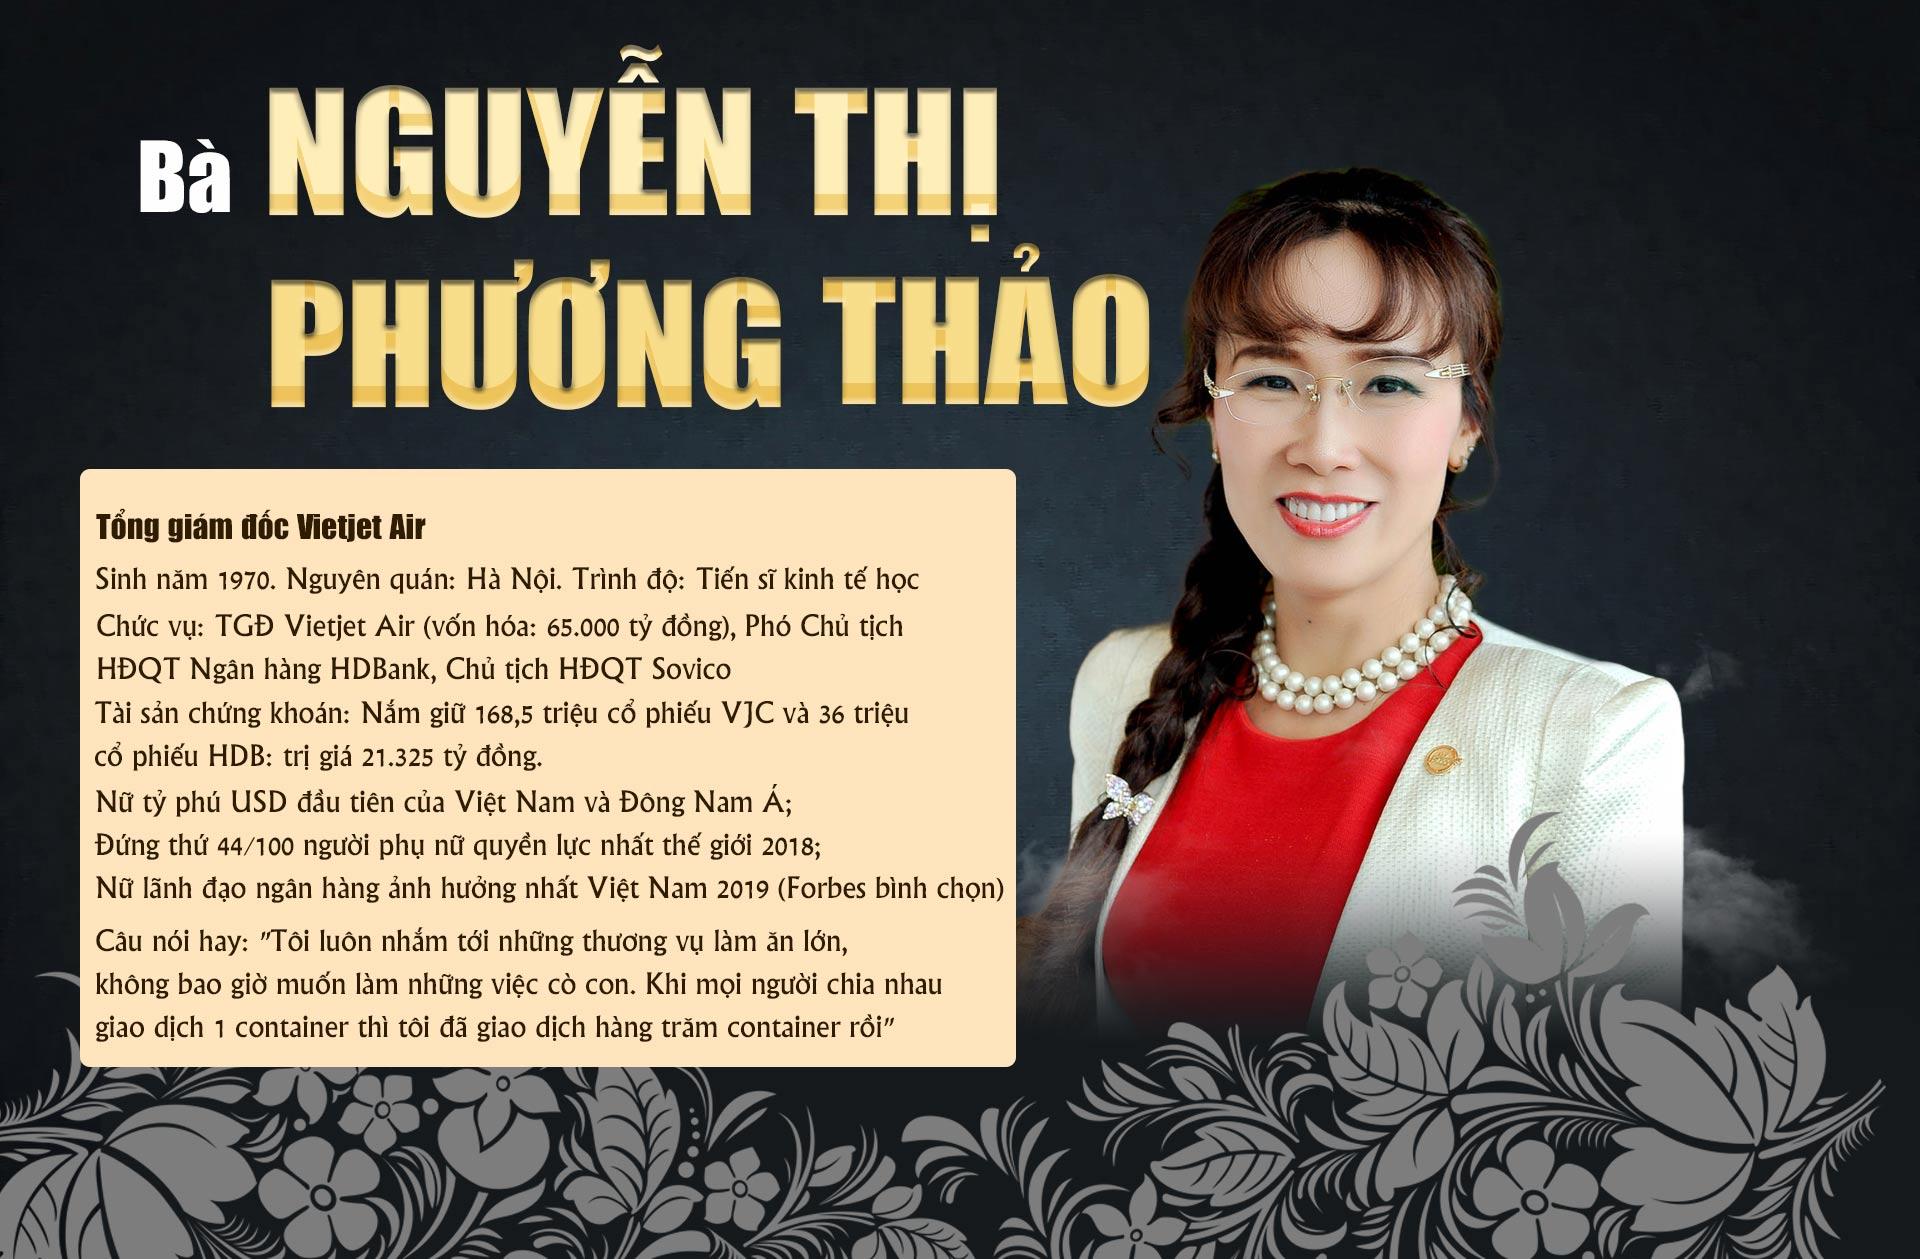 10 phụ nữ Việt gây choáng bởi sự giàu có, giỏi giang và quyền lực - 2